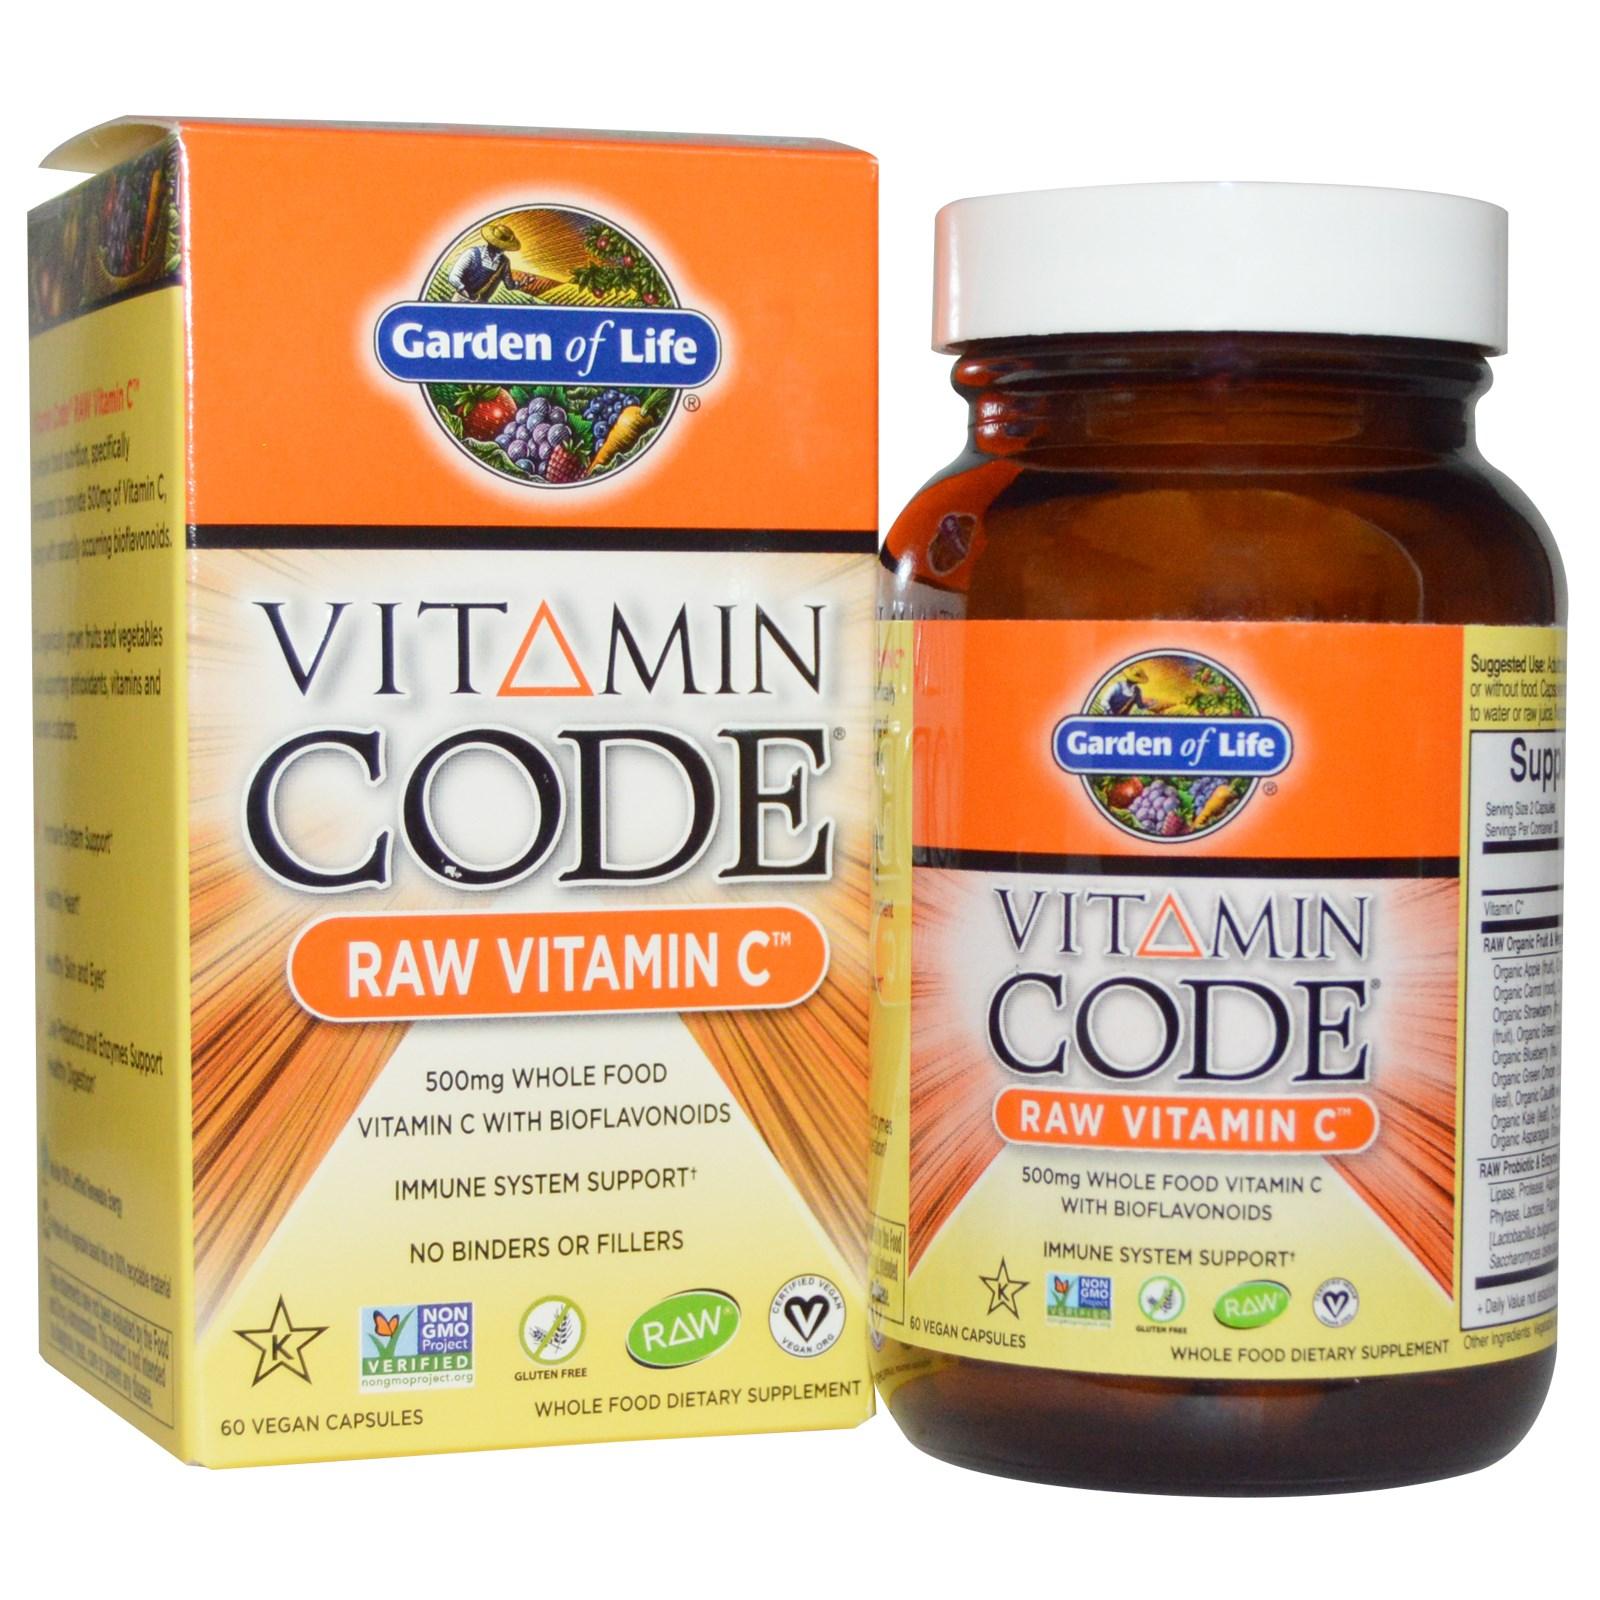 prenatal life raw garden capsules of vitamin vegetarian code by